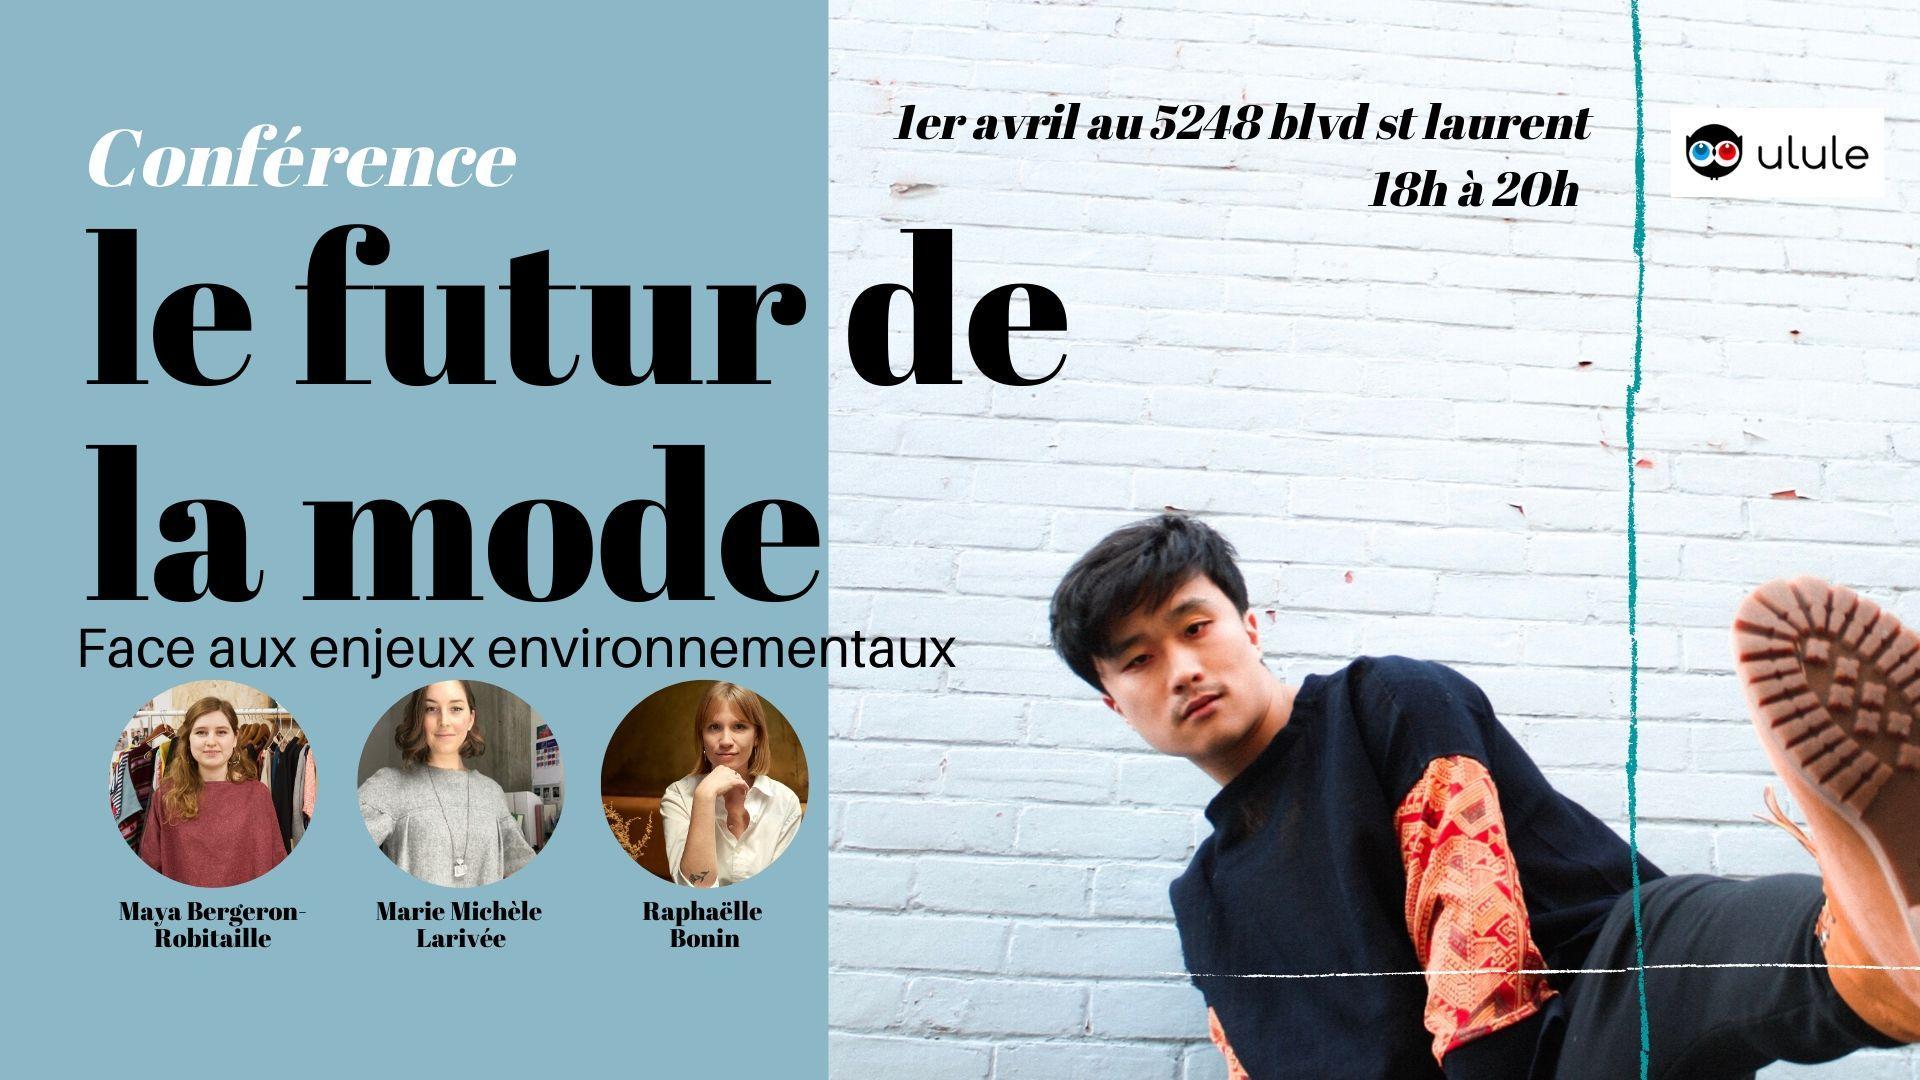 Conférence sur le futur de la mode face aux enjeux environnementaux